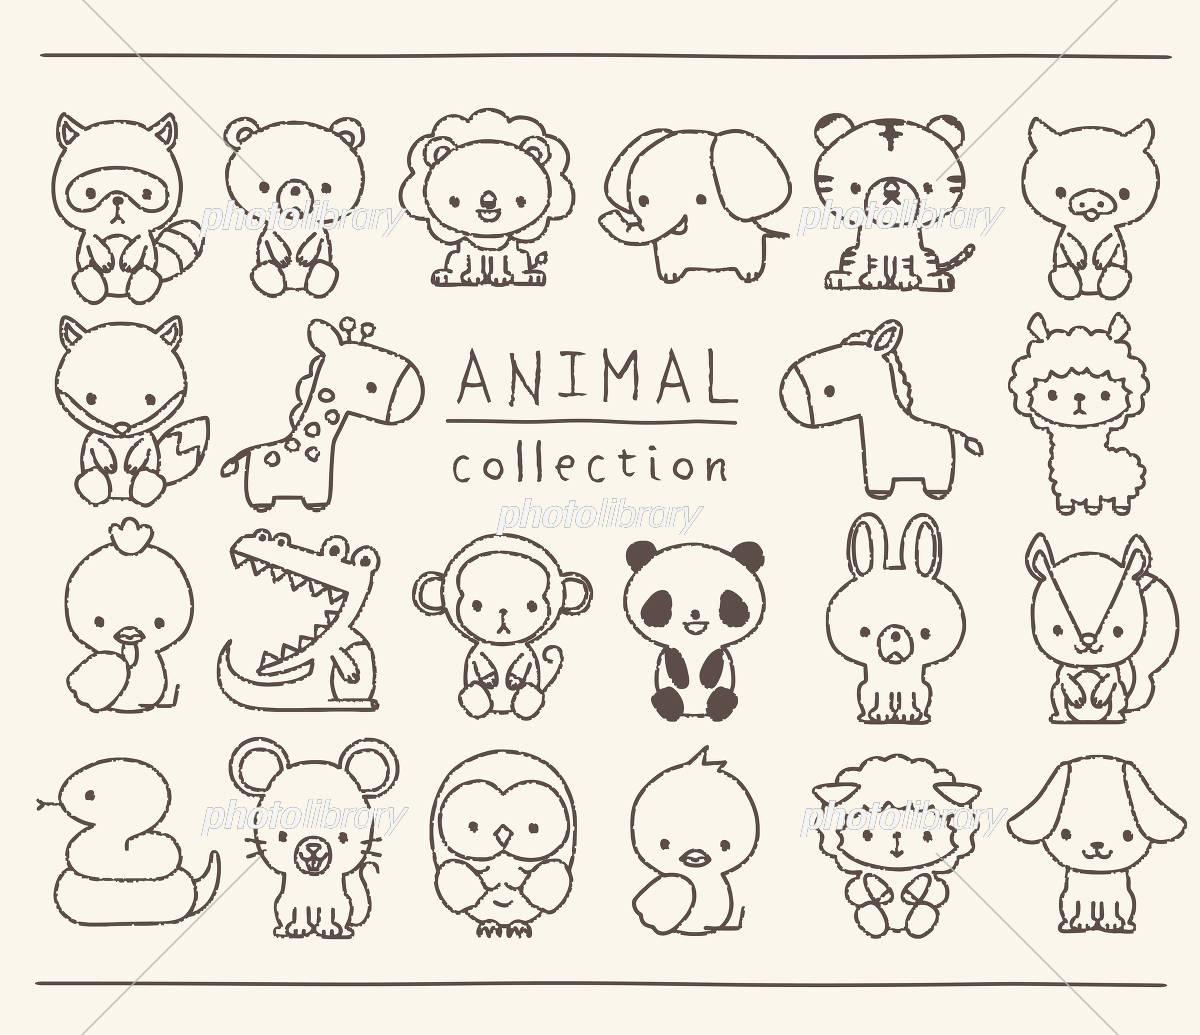 動物のセット 線画 手描き風 イラスト素材 5722187 フォトライブ